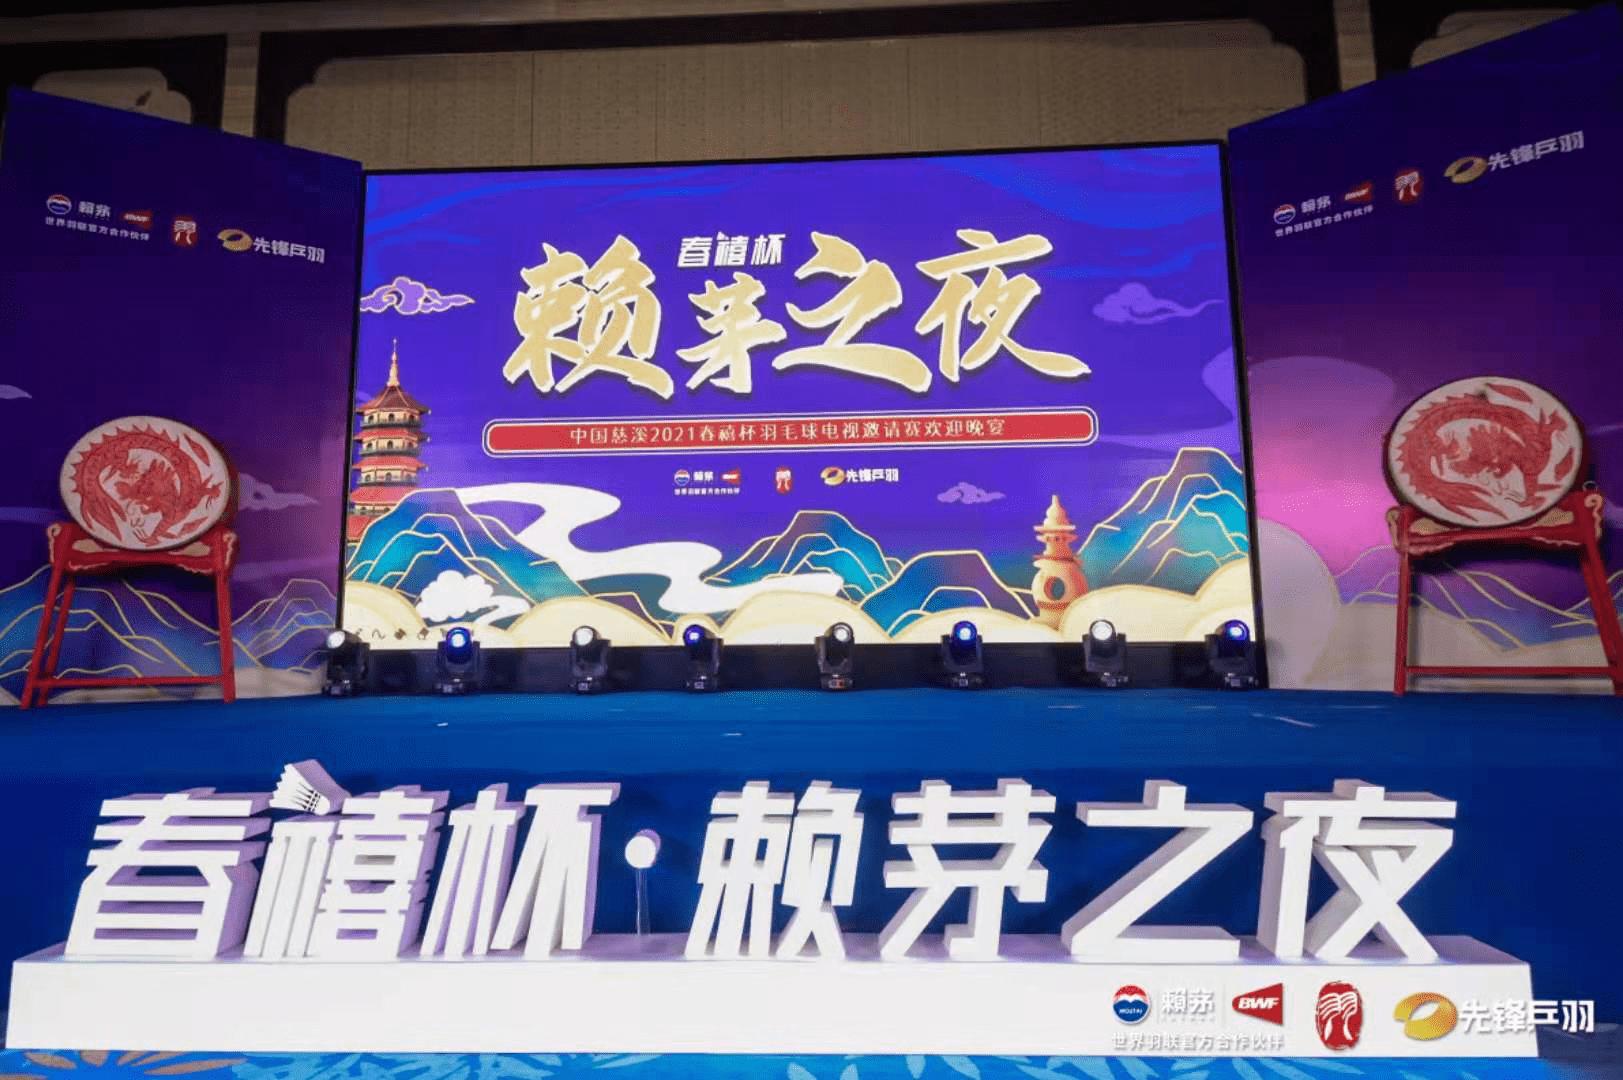 赖茅之夜――2021春禧杯羽毛球电视邀请赛欢迎晚宴在慈溪举办